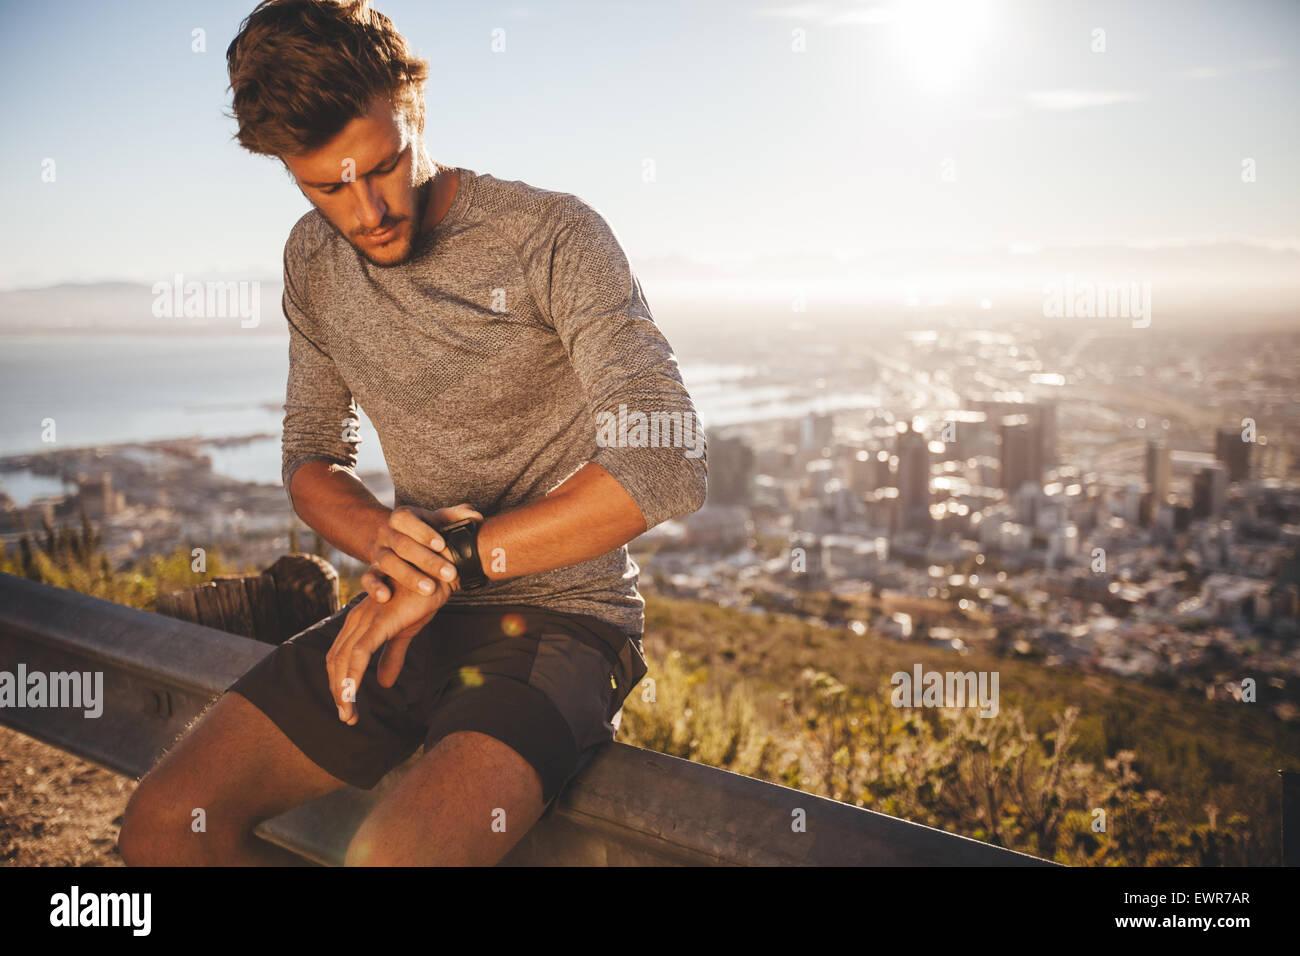 Joven de reajustar su reloj GPS antes de una carrera. Colocar joven atleta sentado en la carretera baranda y comprobando Imagen De Stock